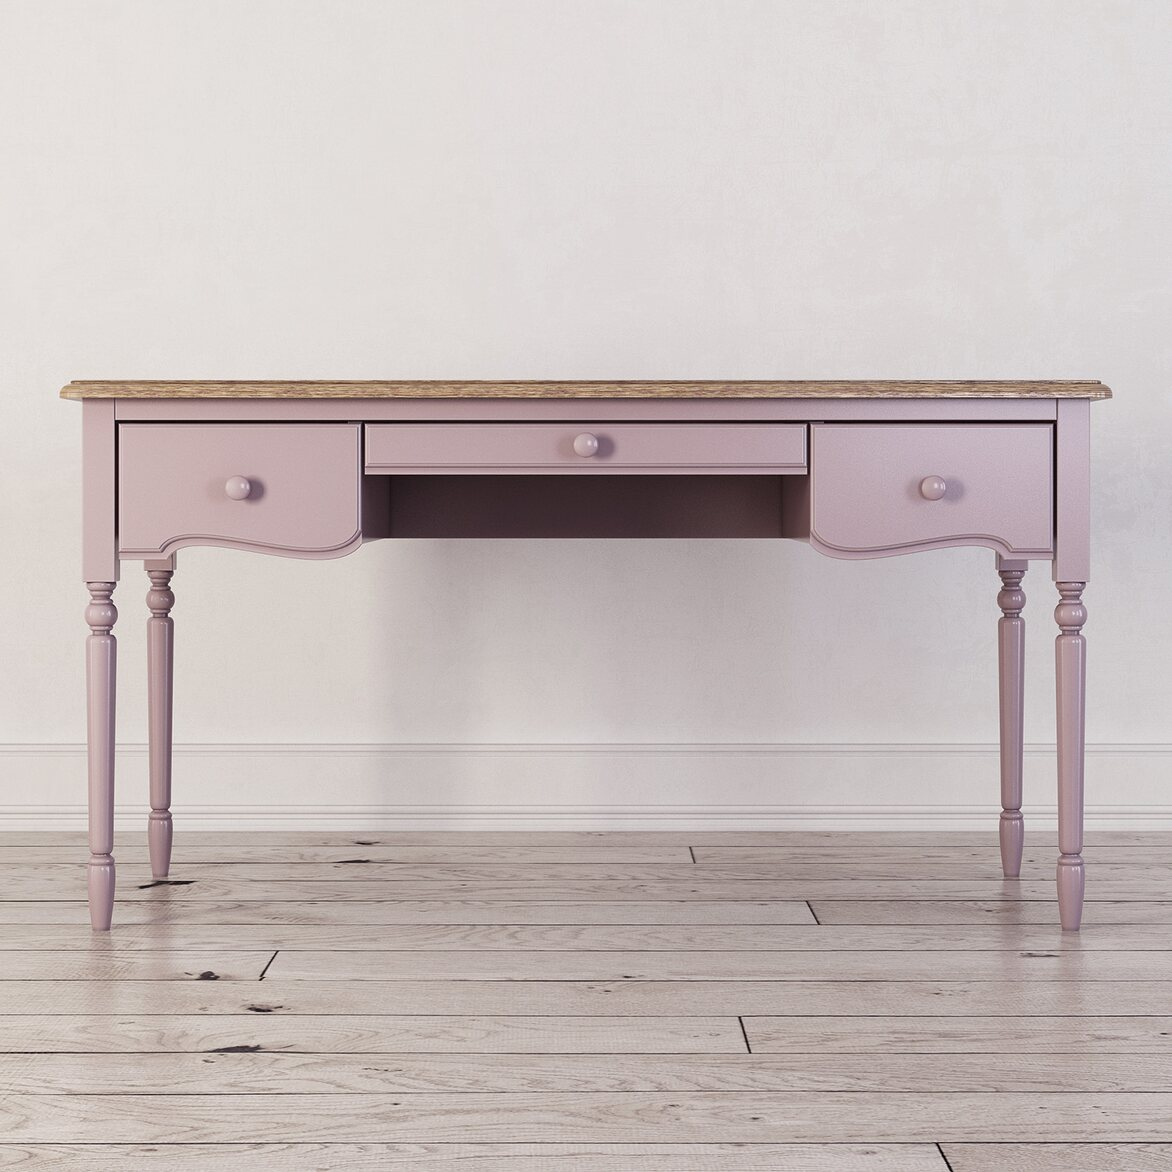 Письменный стол с 3-я ящиками Leblanc, лаванда | Письменные столы Kingsby